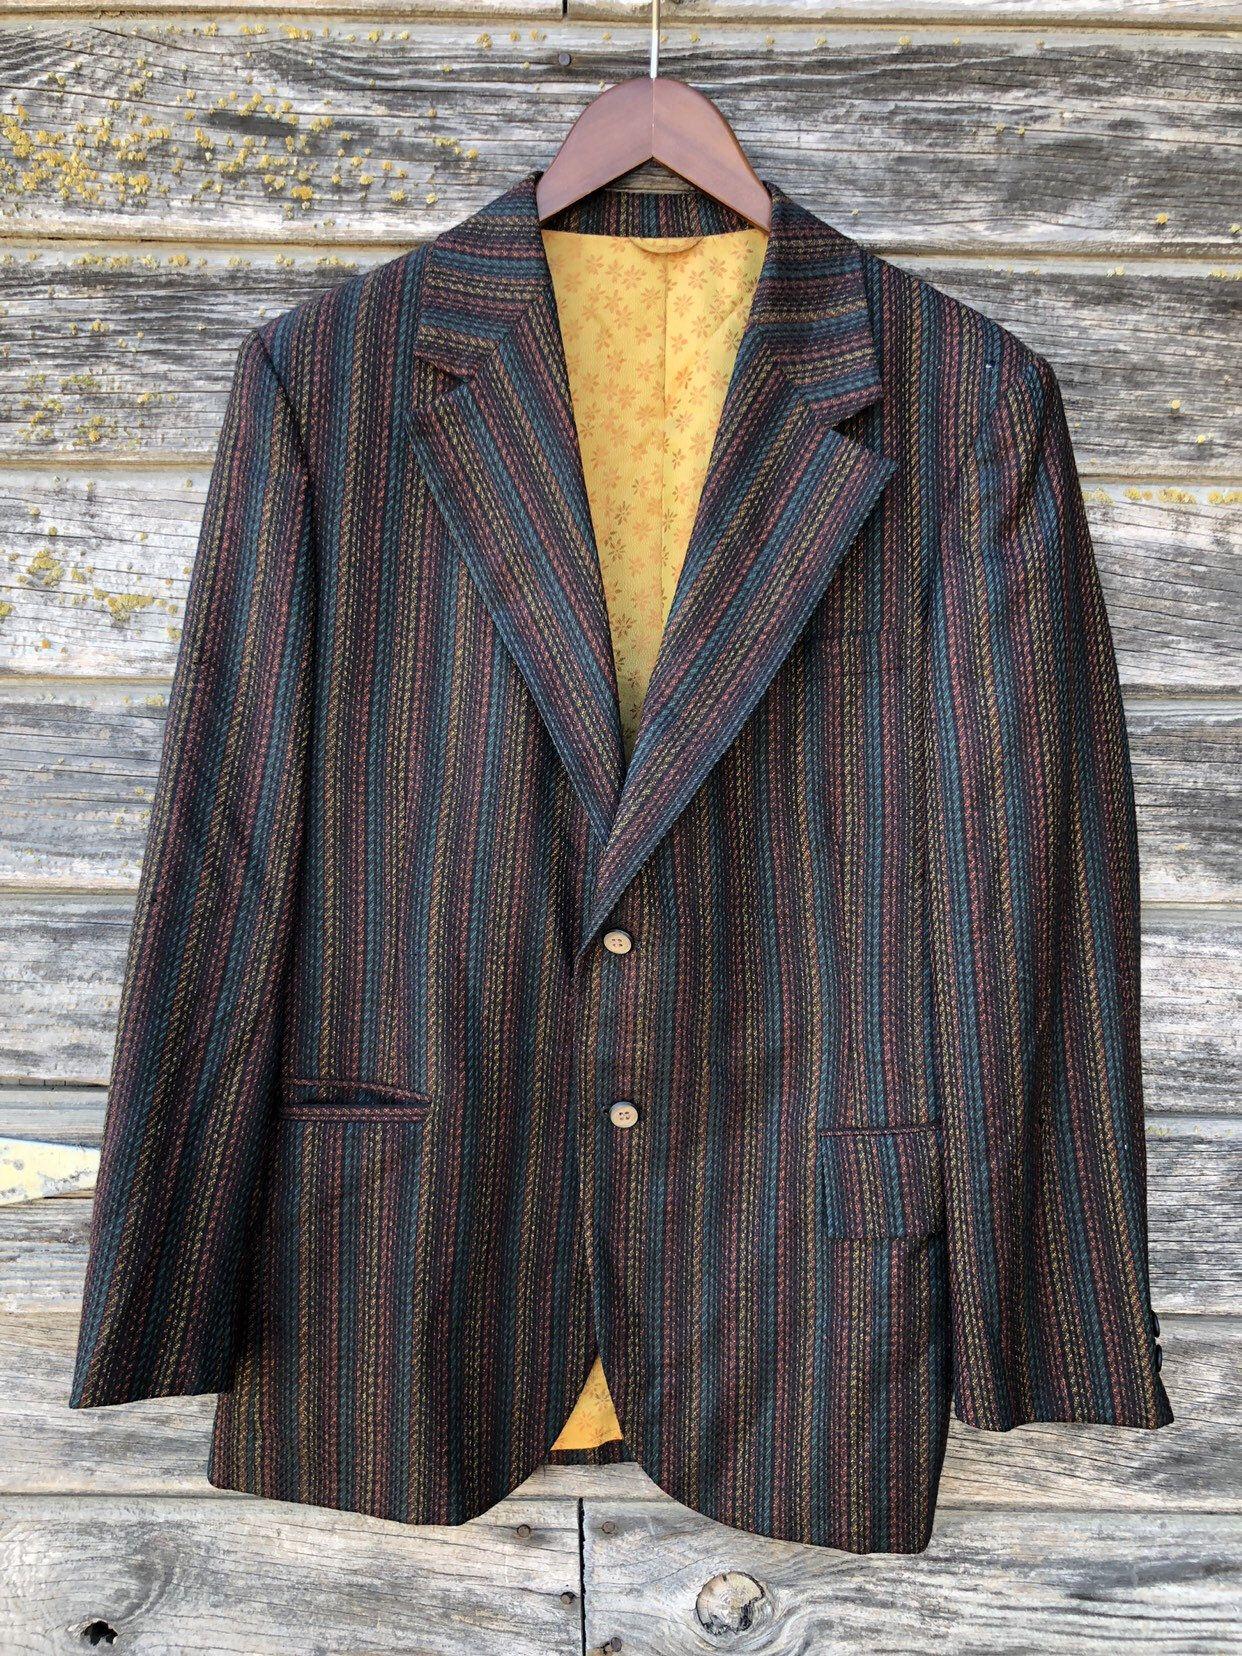 Vintage striped men's jacket orange black mustard yellow